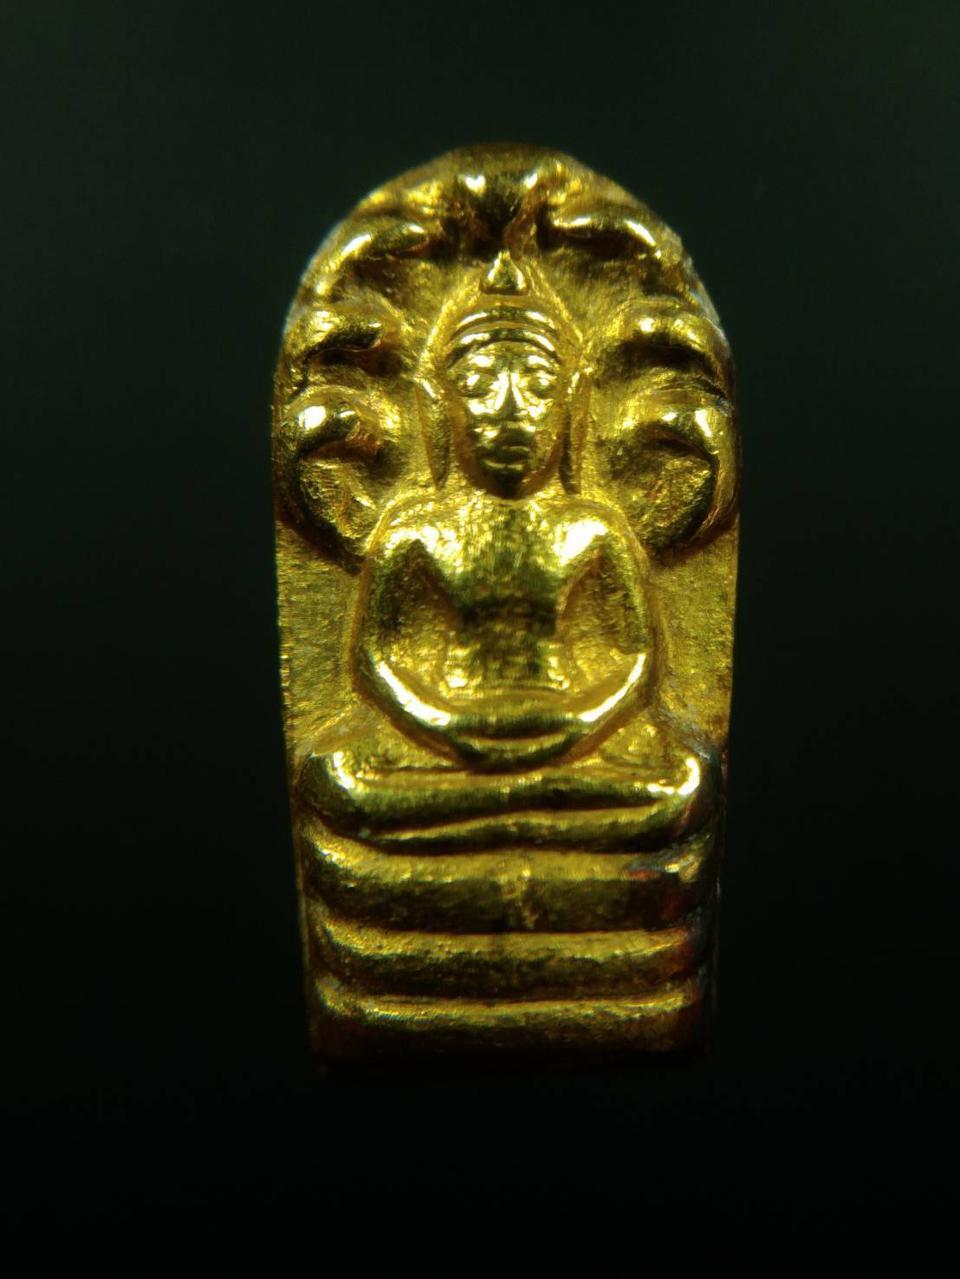 เปิดคับ พระปรกใบมะขาม เนื้อทองคำ เจ้าคุณนรฯ หลังเรียบ รูปที่ 2